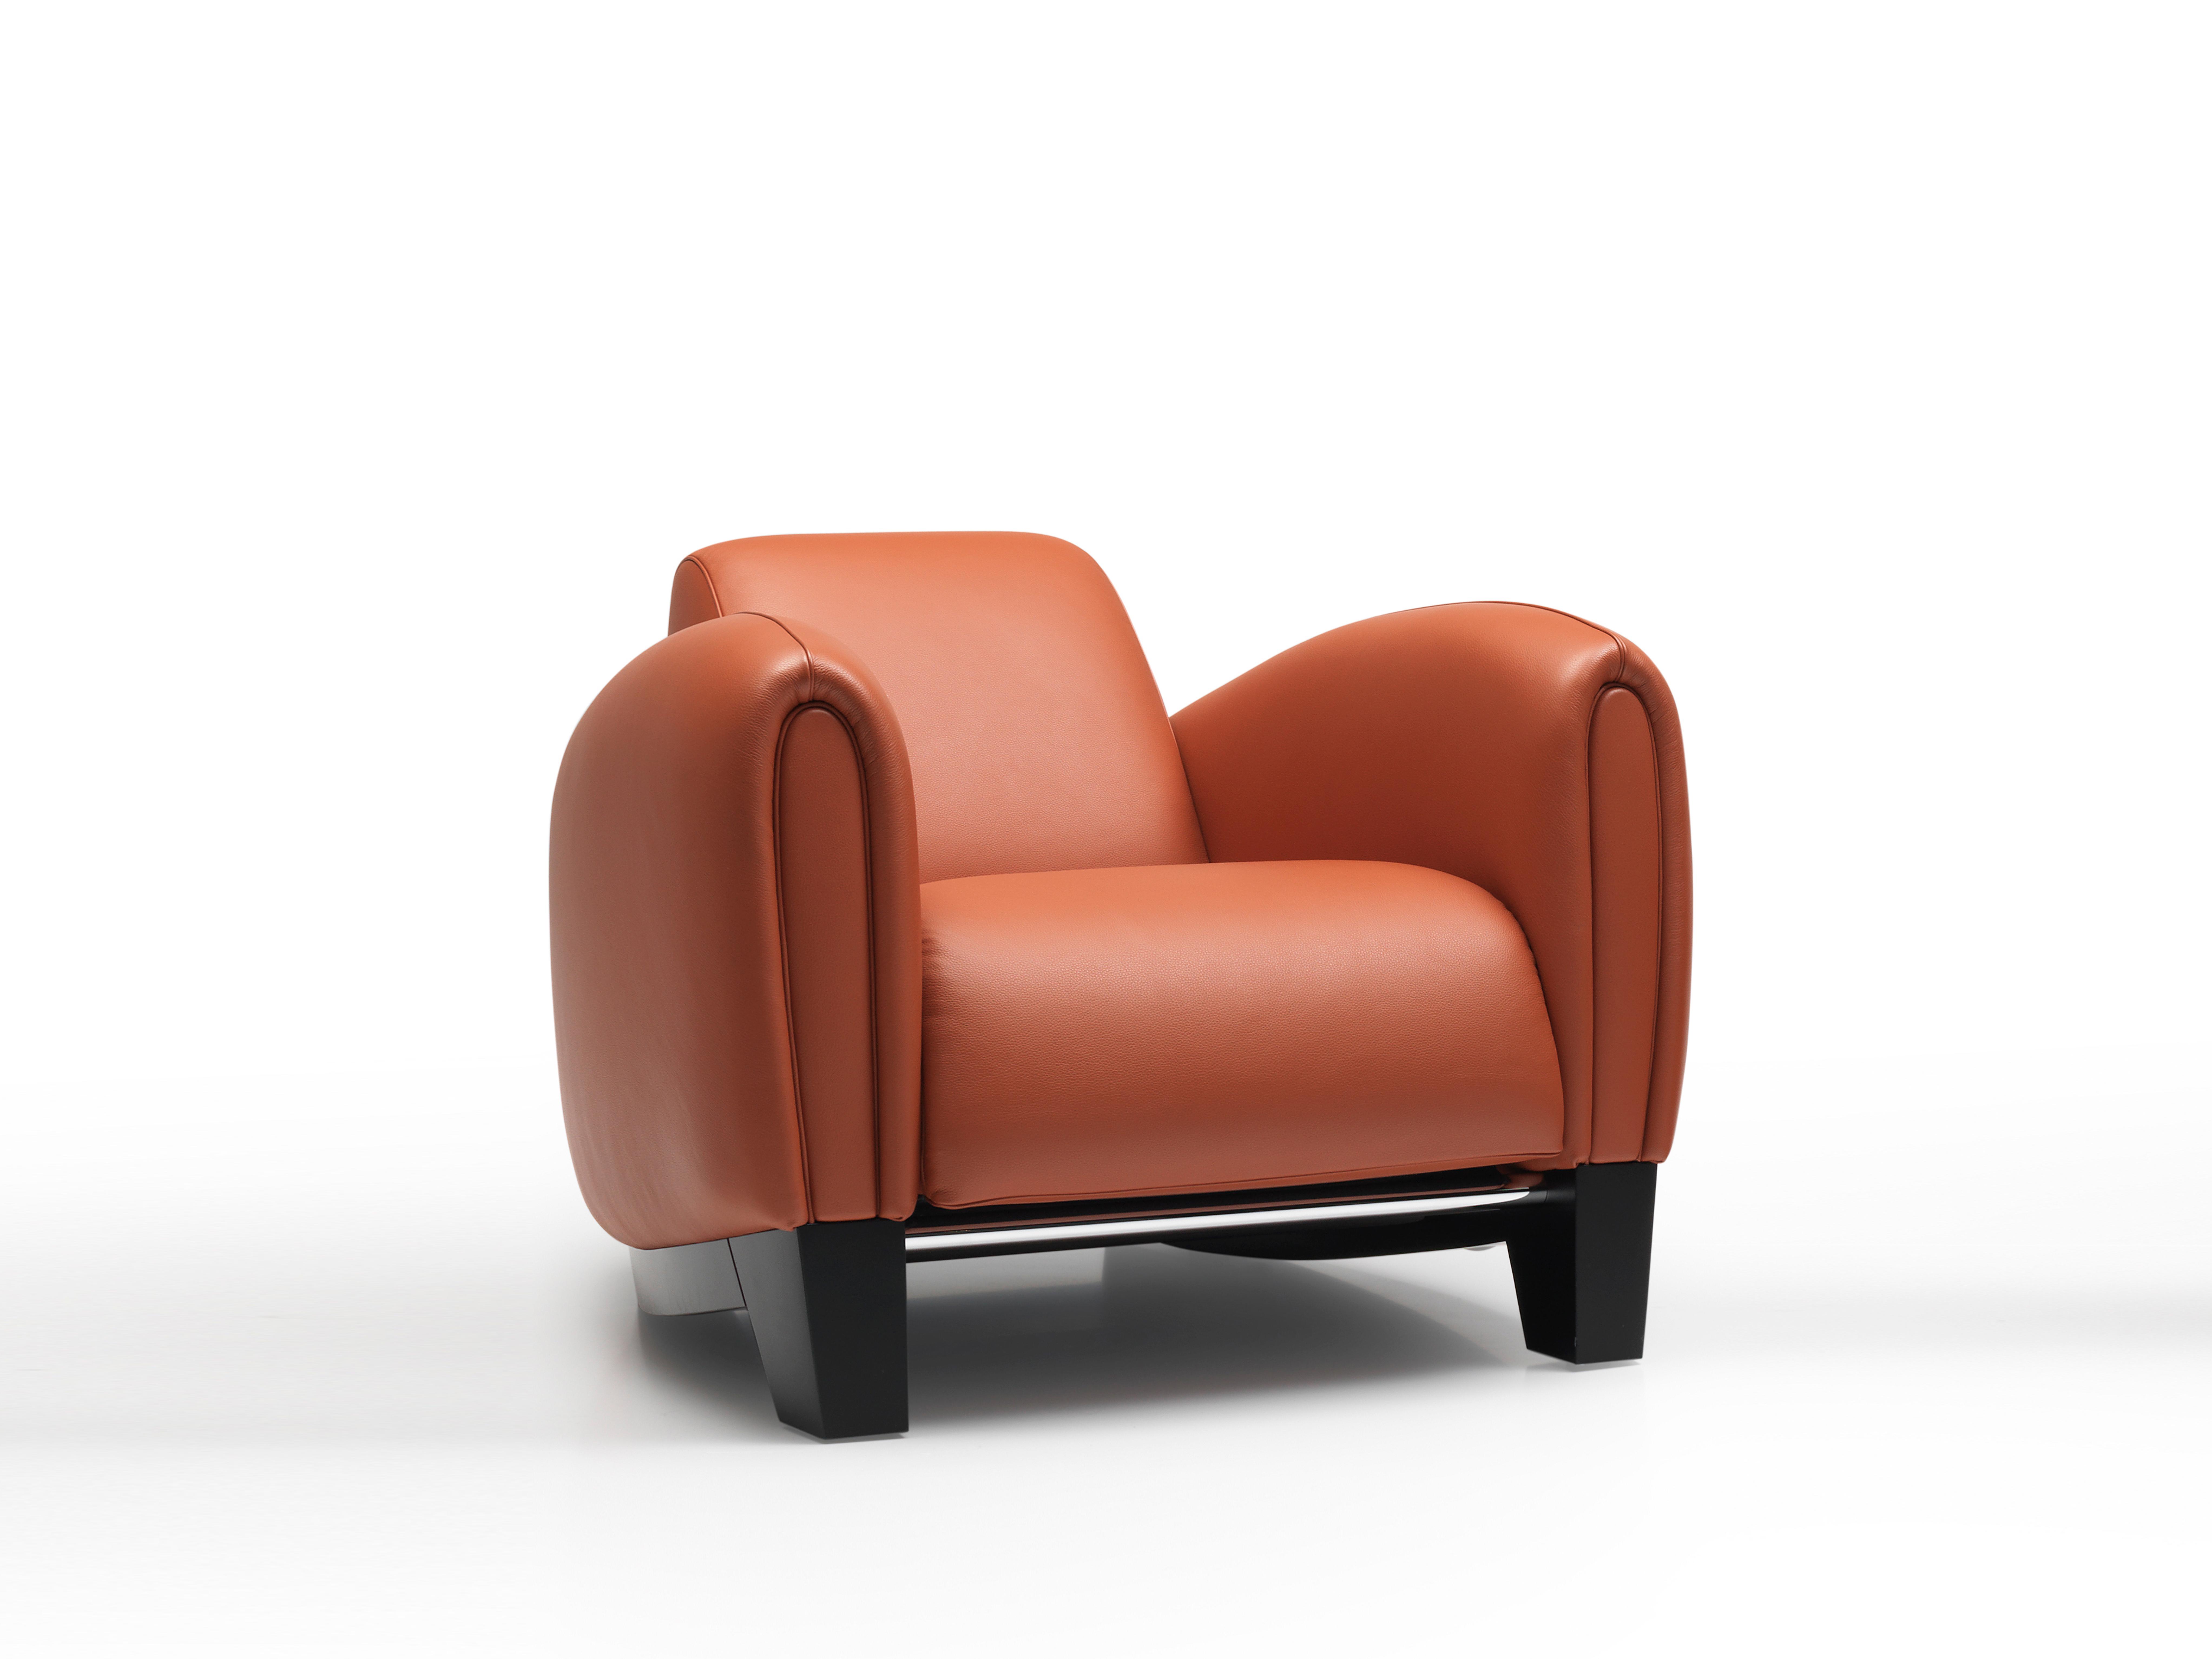 ds 57 sessel von de sede stylepark. Black Bedroom Furniture Sets. Home Design Ideas